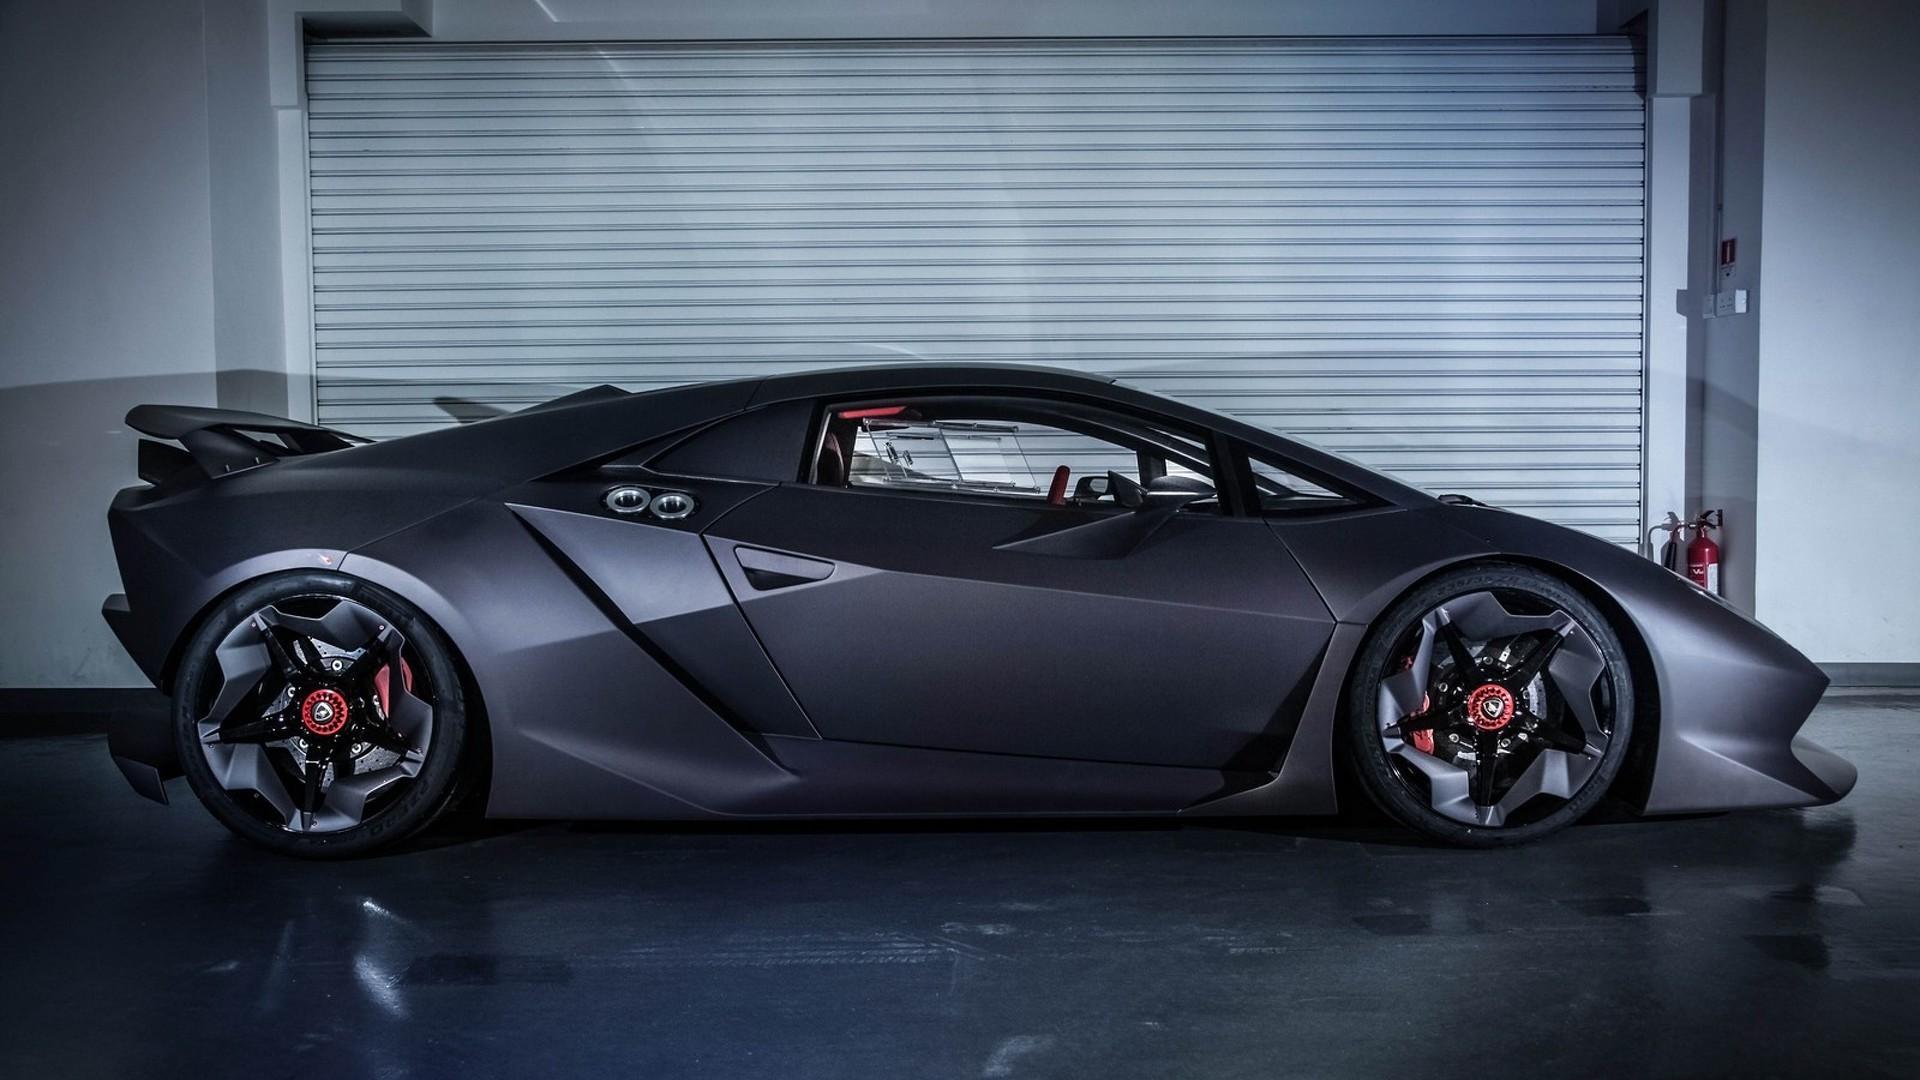 Amazing Preview Lamborghini 1920x1080